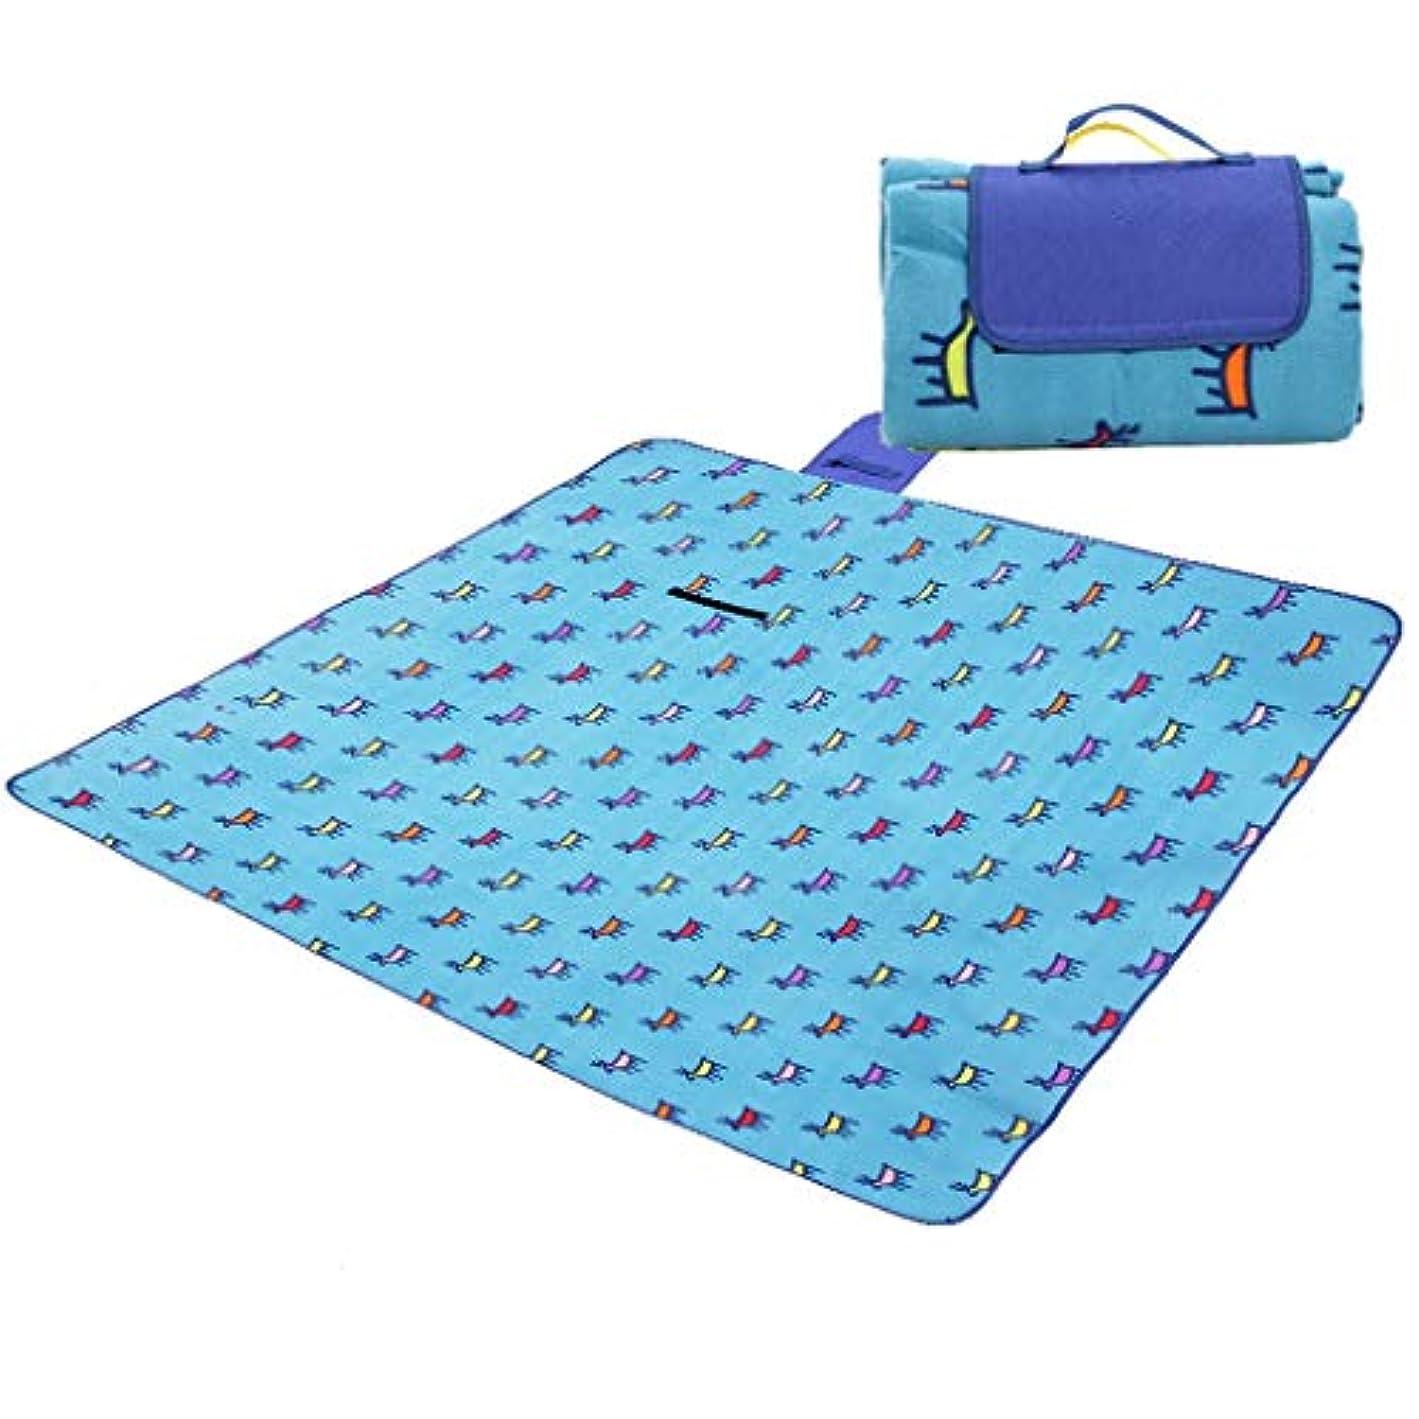 バックグラウンド出力電話する便利なビーチマット 屋外の防水折る携帯用ピクニック慰めの湿気防止パッド 折りたたみ式とポータブル (Color : B)